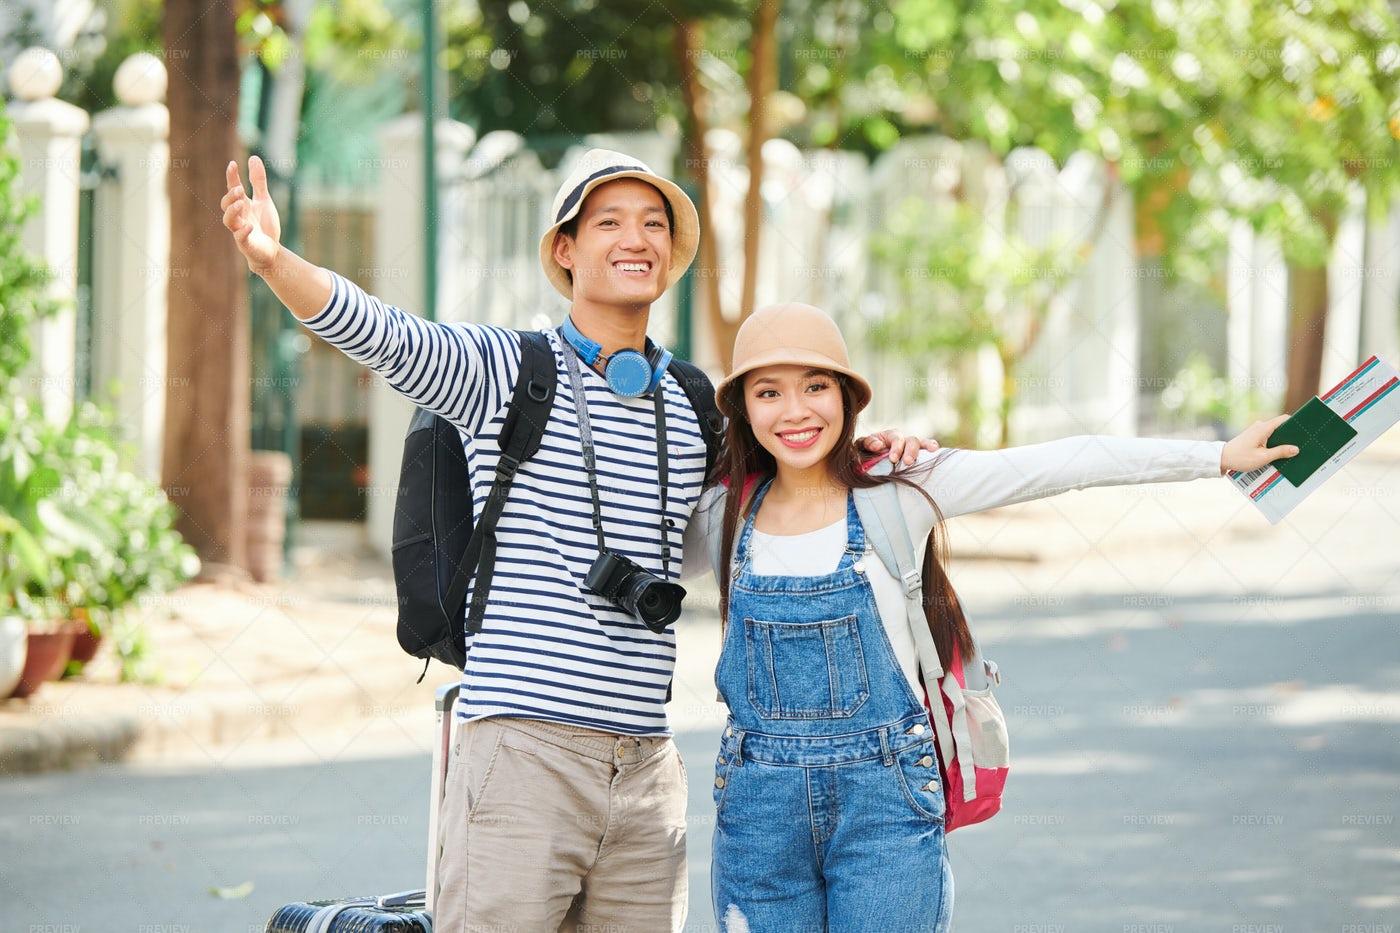 Excited Happy Travrelers: Stock Photos